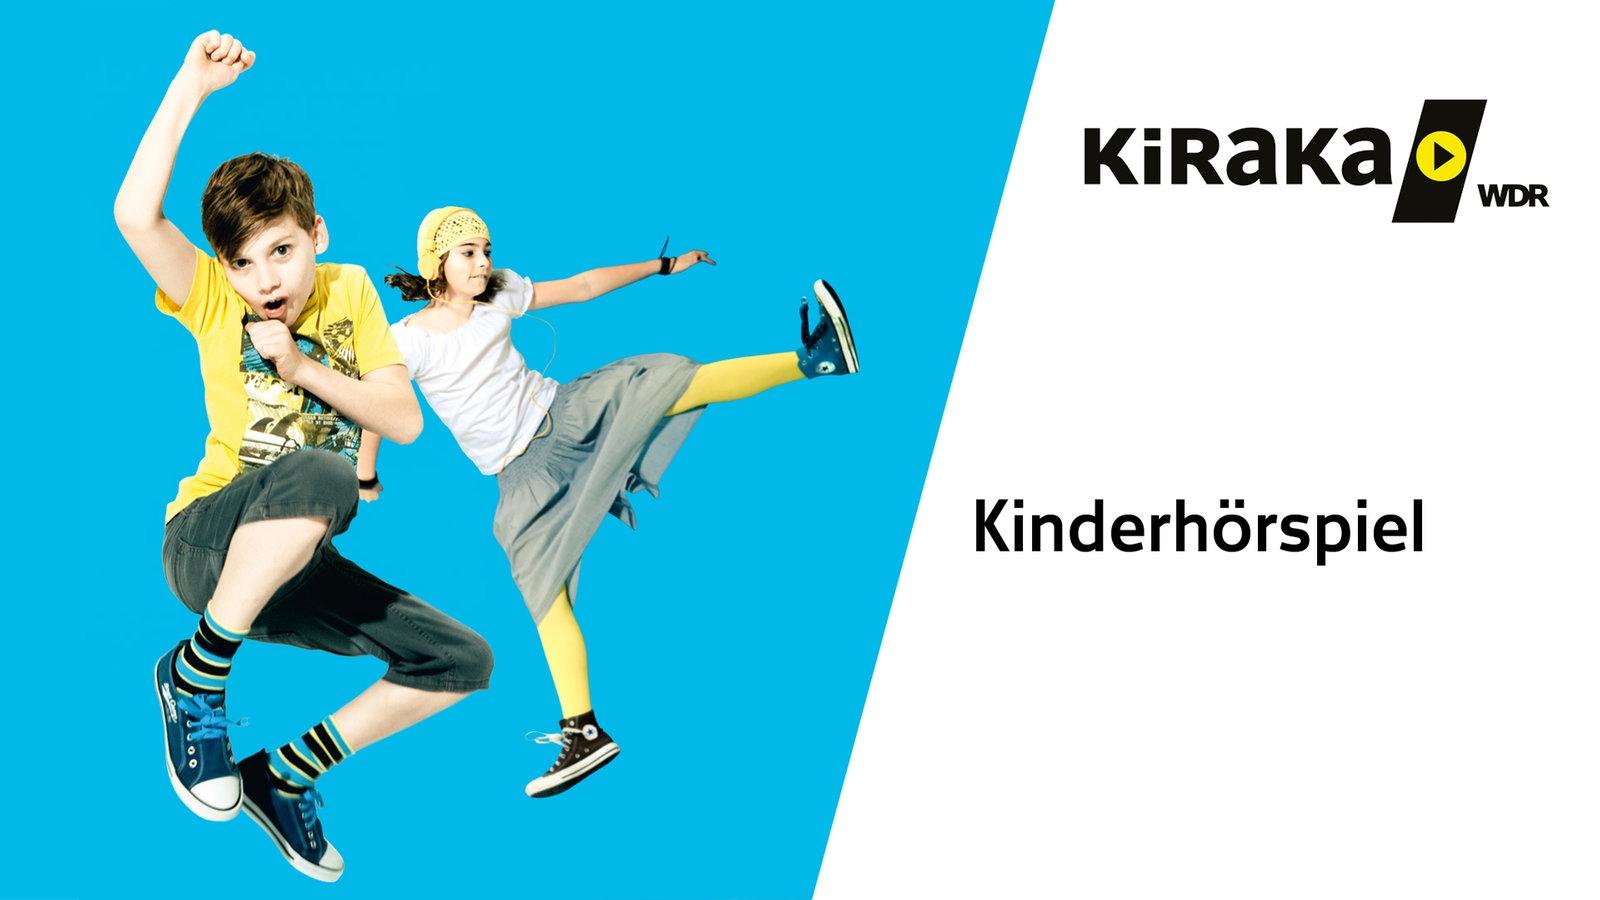 Gratis | KiRaKa - Kinderhörspiele im WDR z.B. Kicheritis - Anstecken erlaubt!